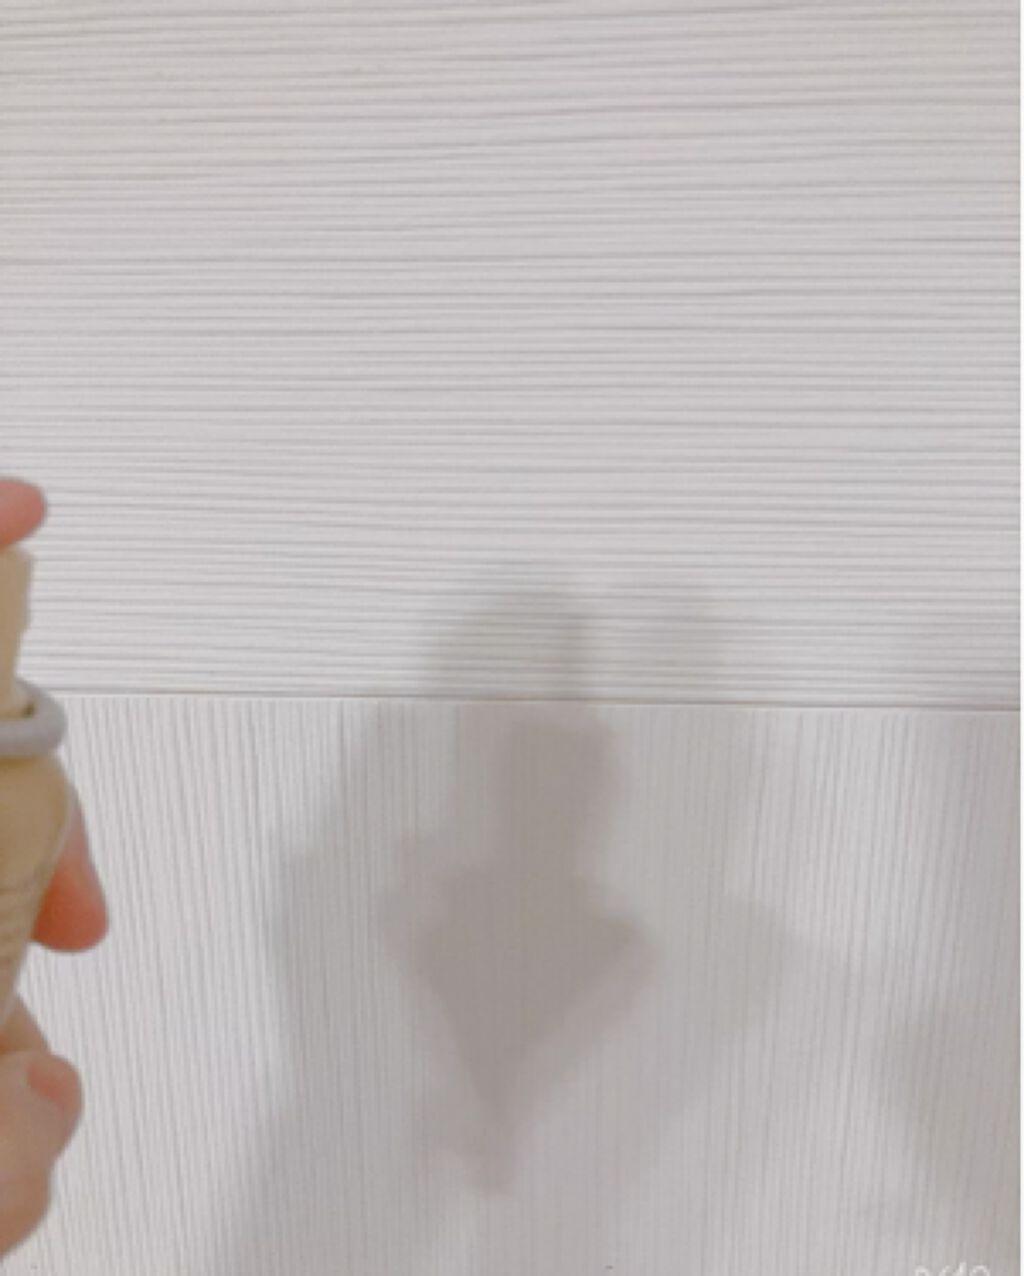 タイムシークレット フィックスミスト コラーゲン/TIME SECRET/ミスト状化粧水を使ったクチコミ(2枚目)